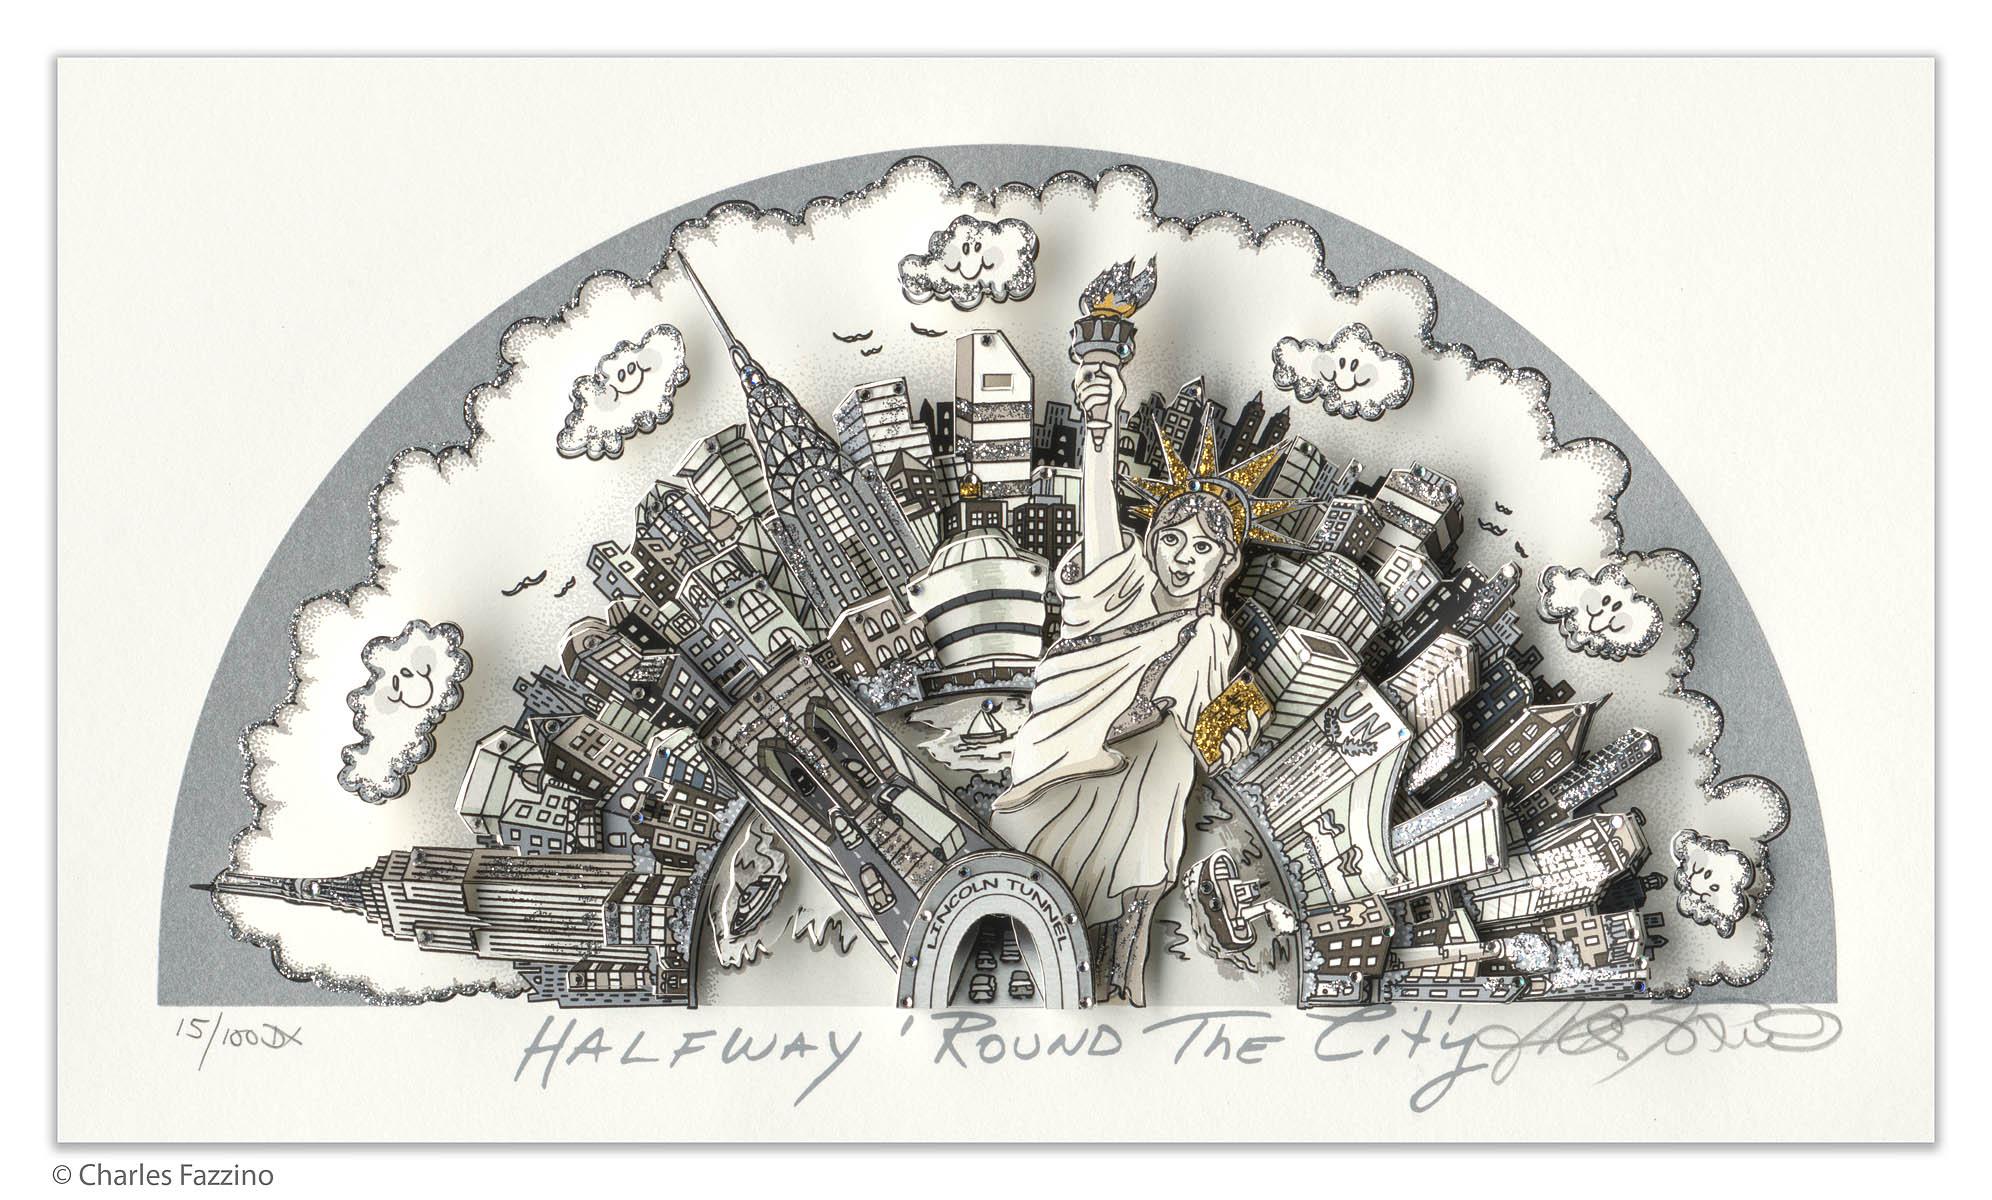 Charles Fazzino - Halfway Round the City , 5553-008-029-038-989